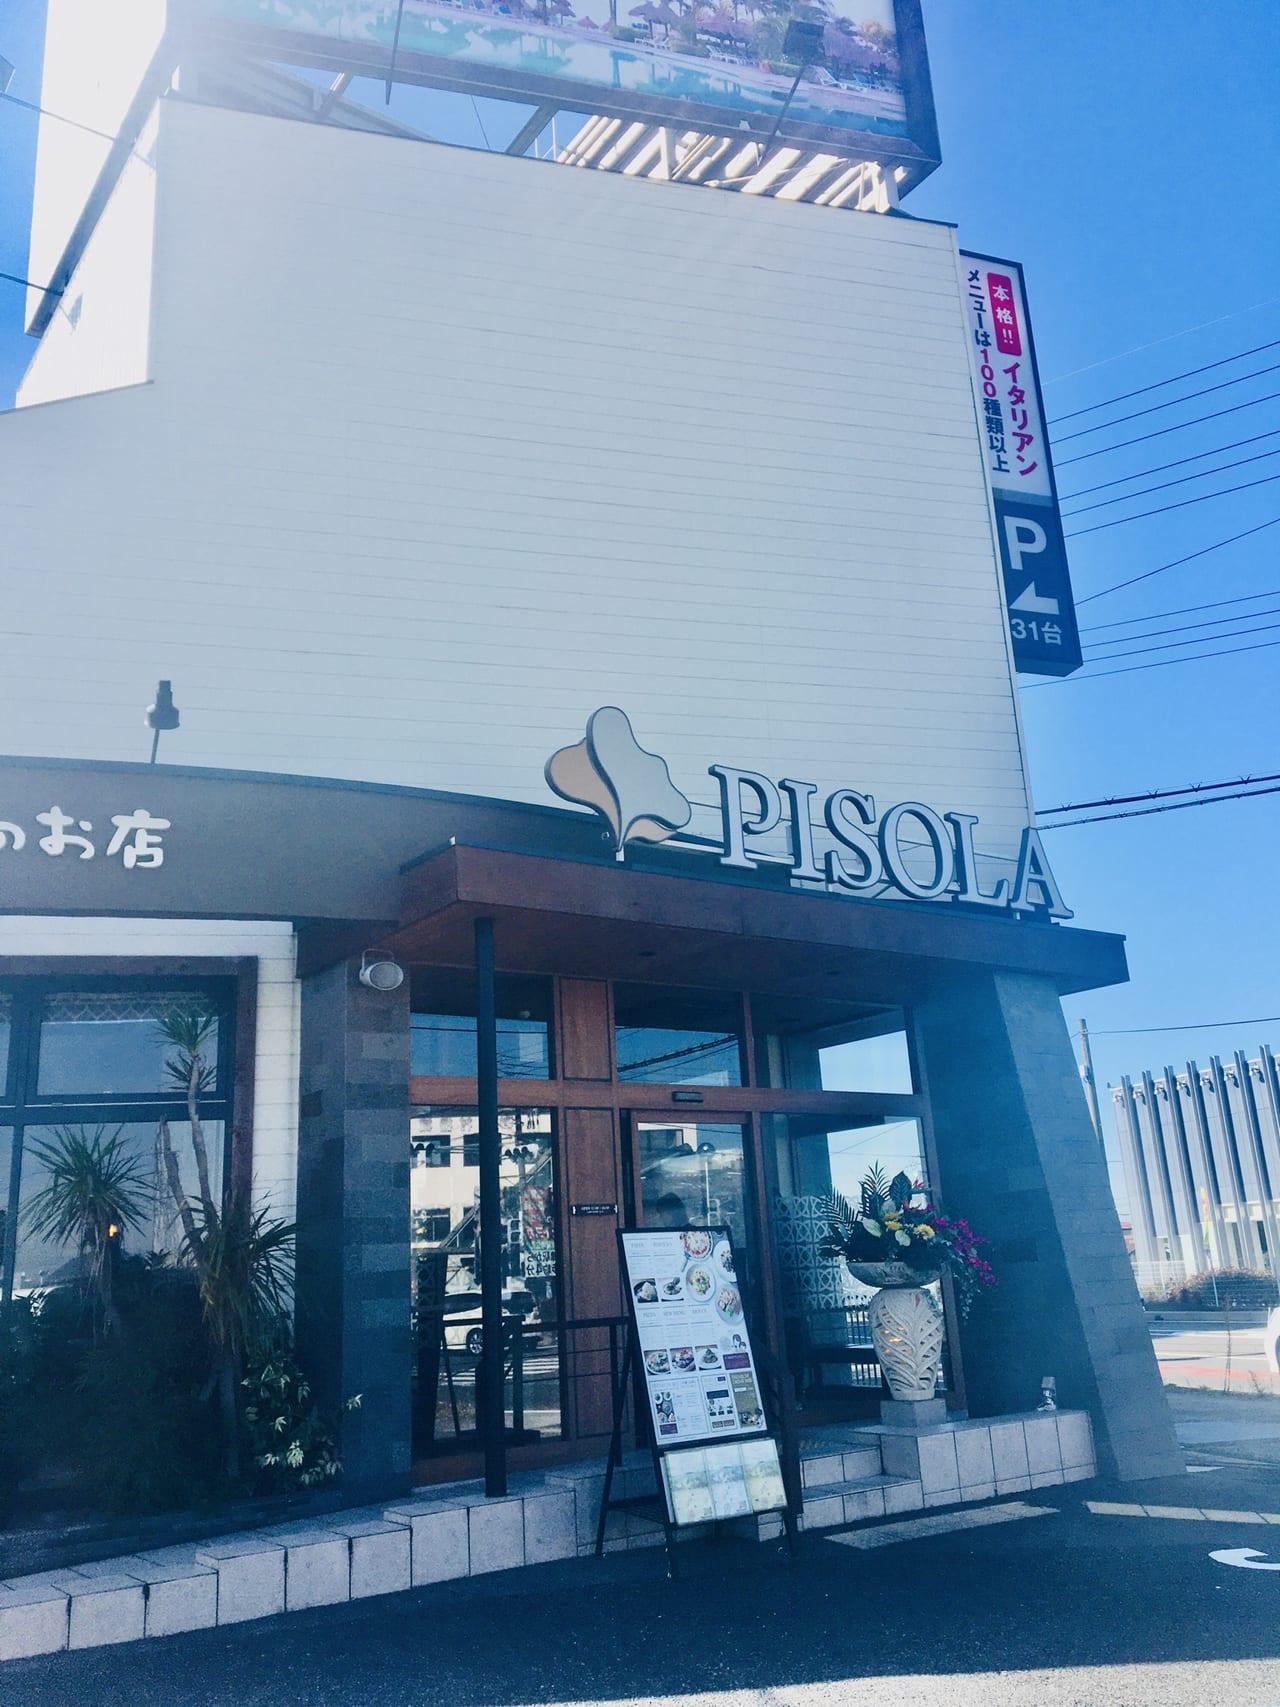 PISOLA2